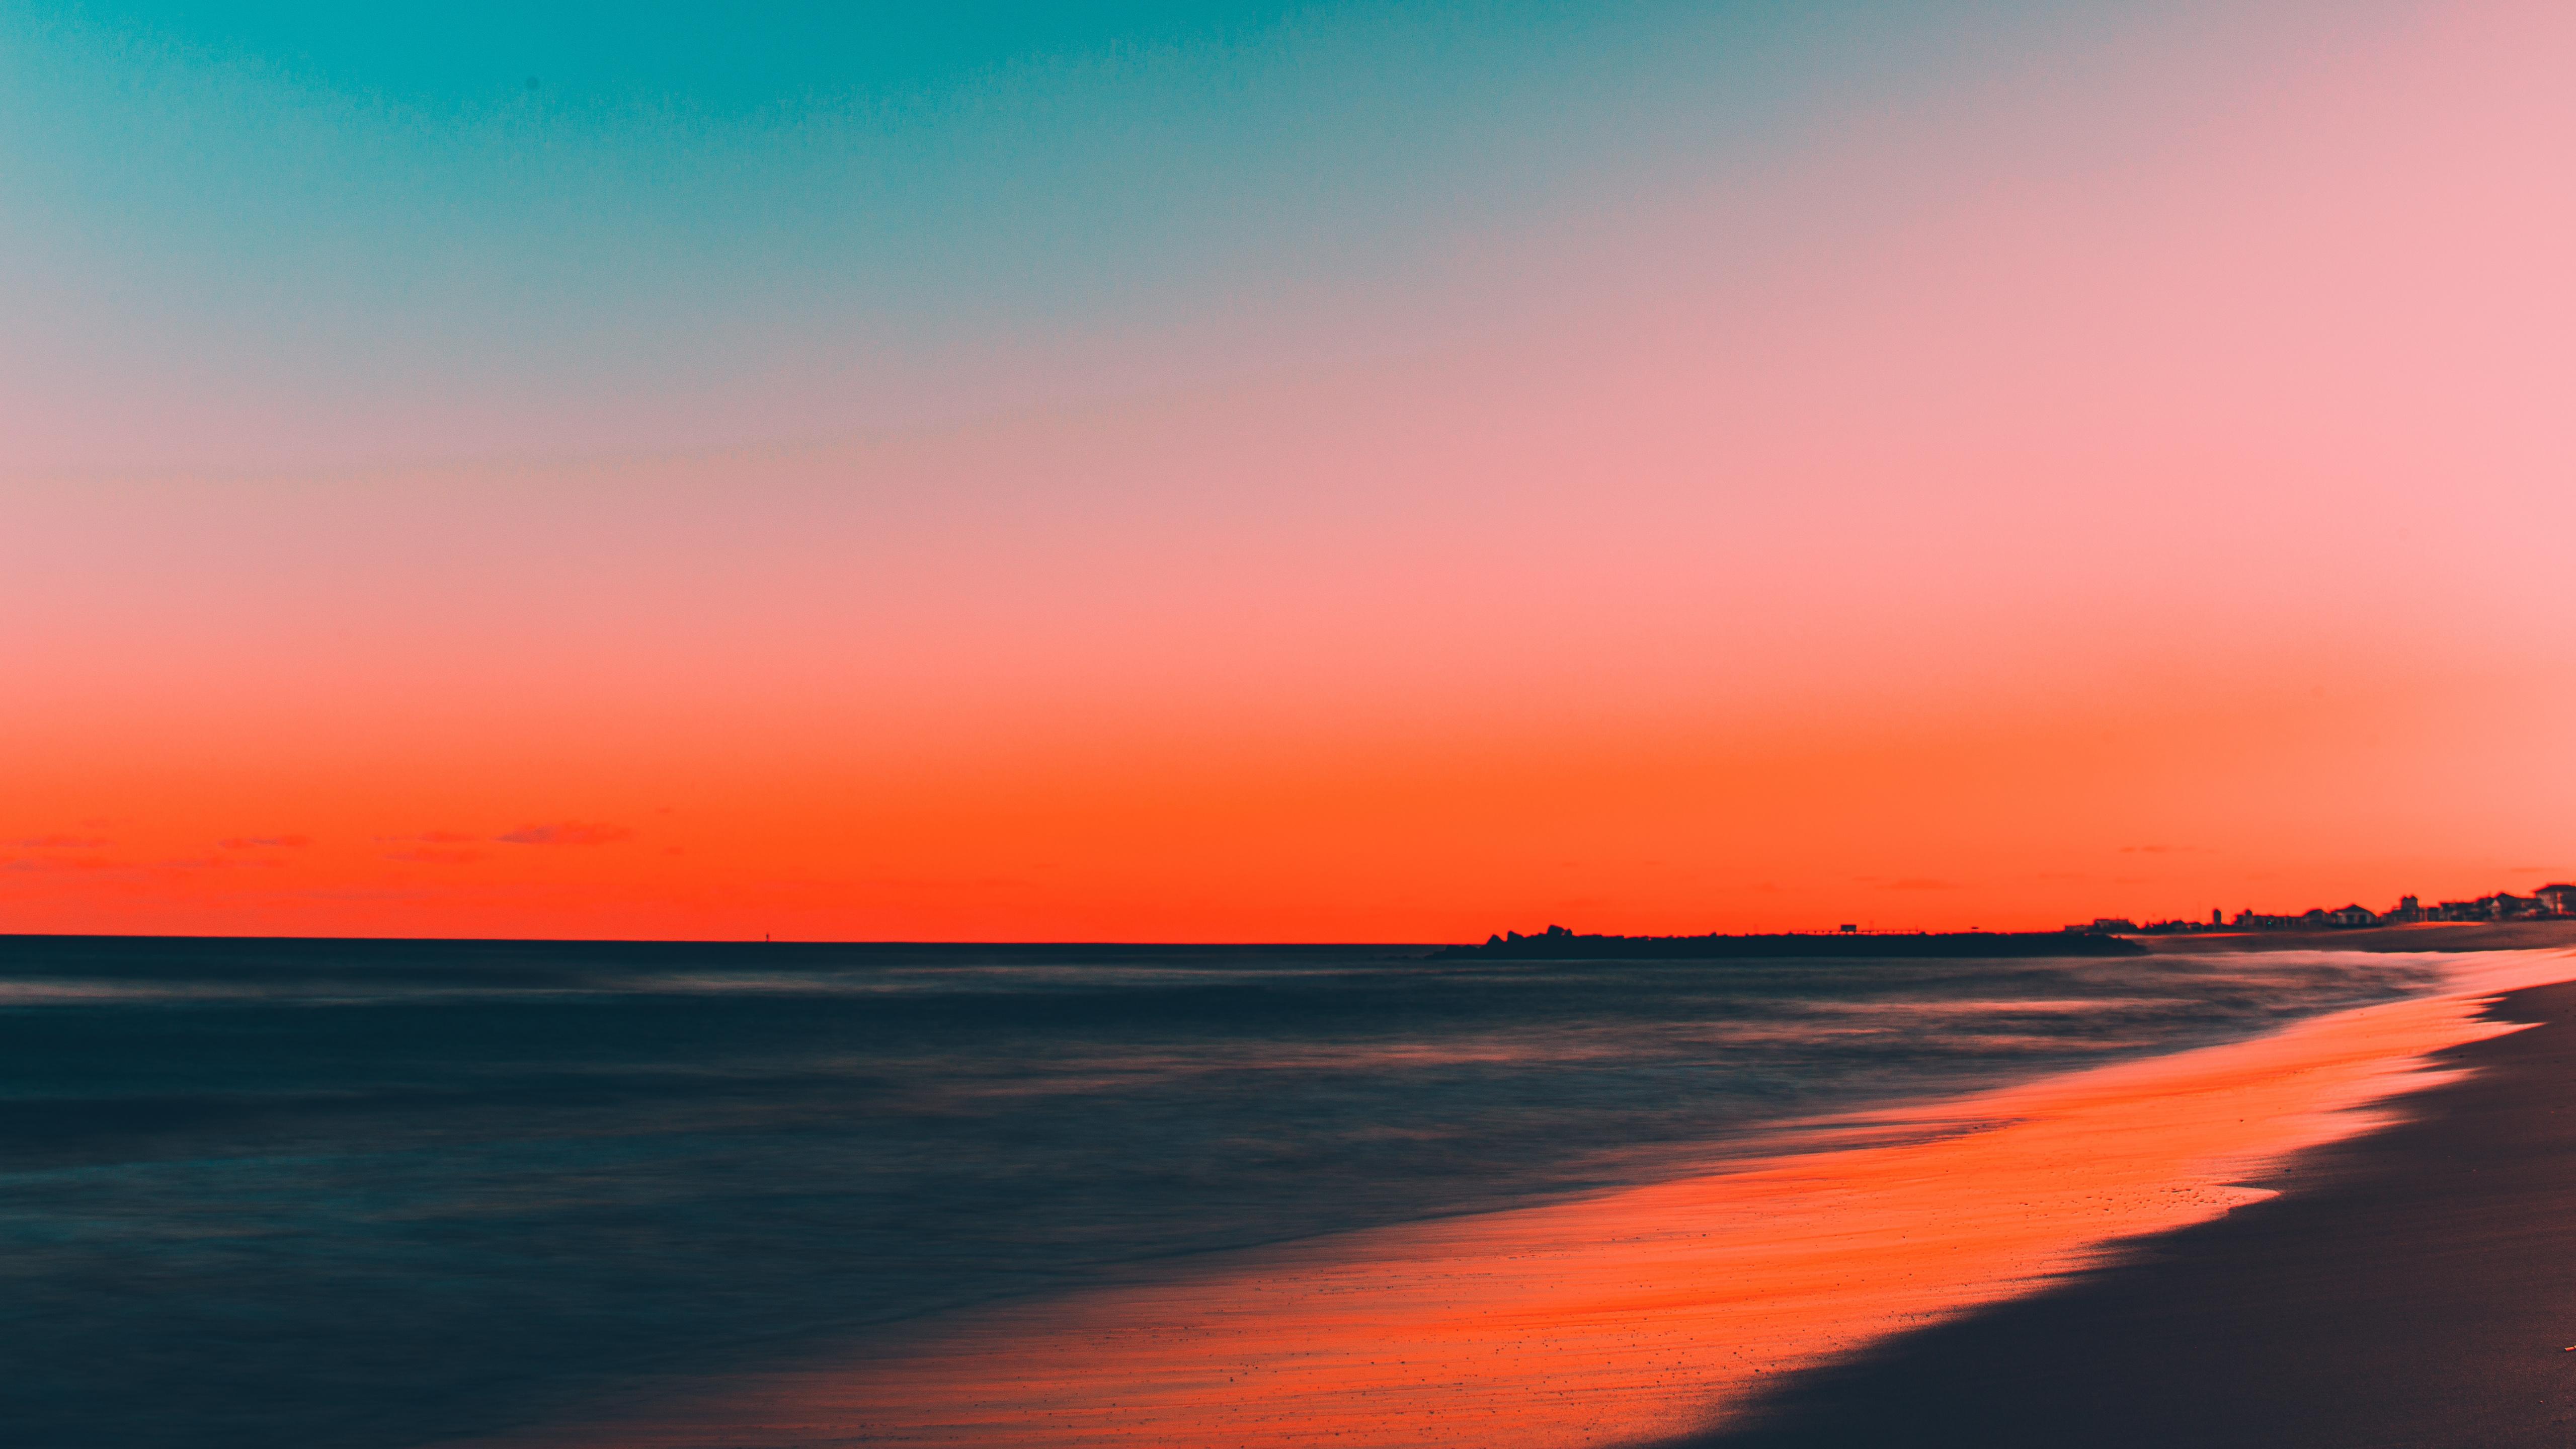 Beach, Clean Sky, Skyline, Sunset, 5120x2880, 5k Wallpaper - Sunset 4k - HD Wallpaper